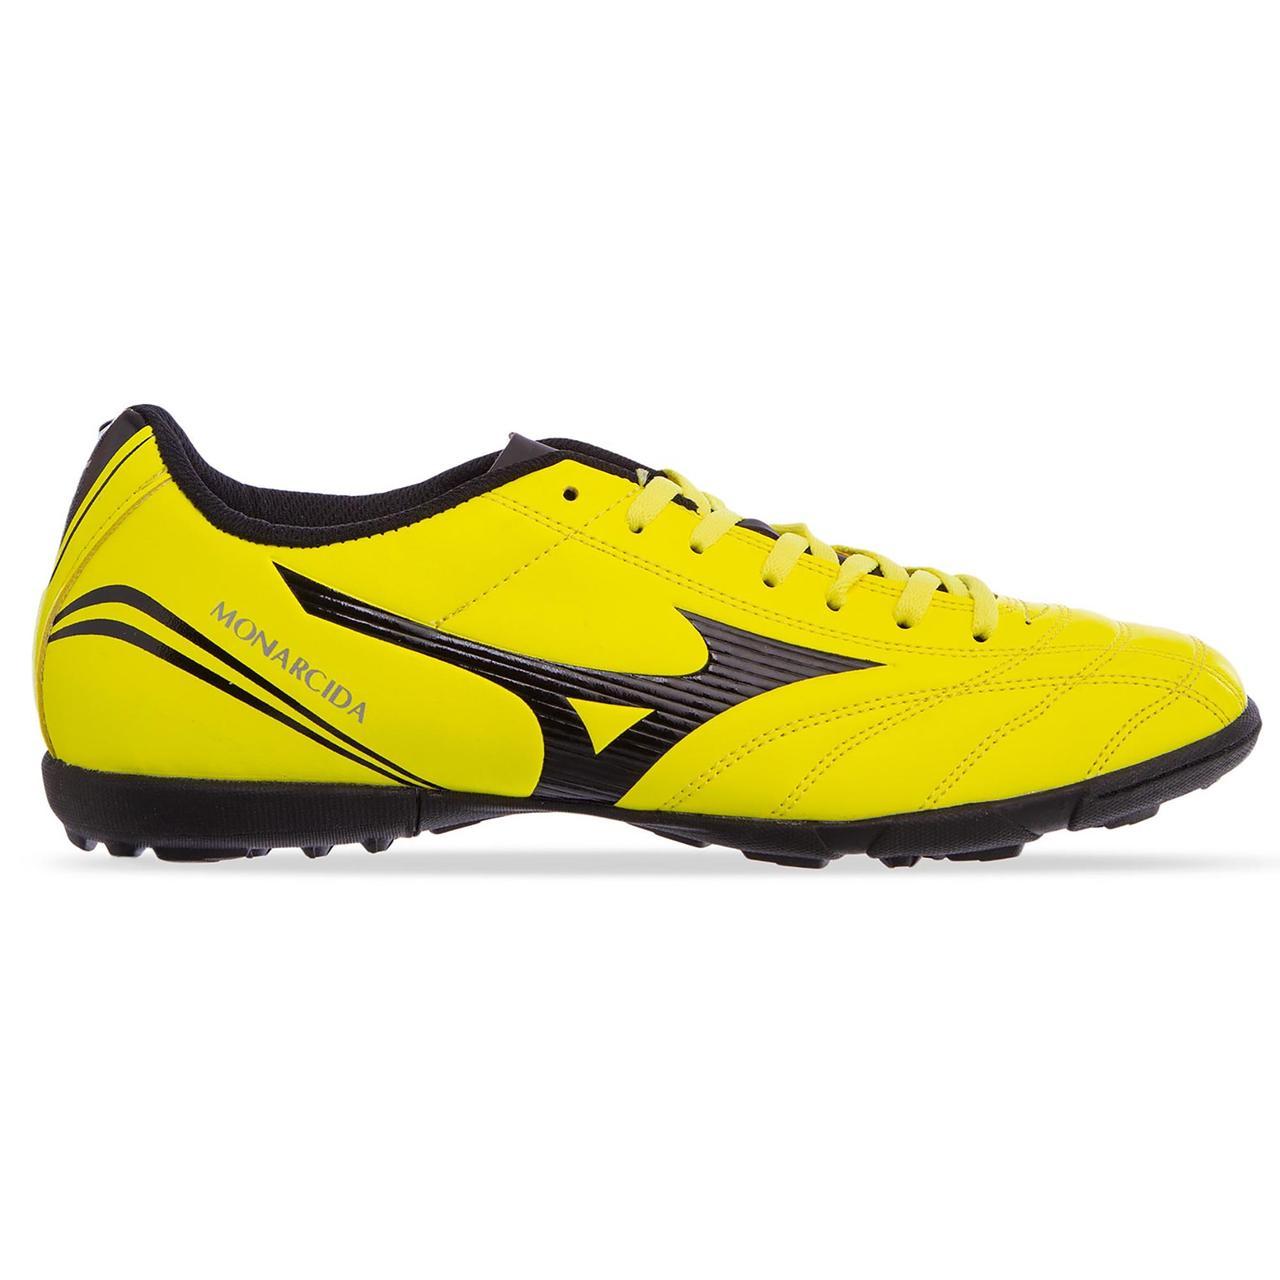 Сороконожки обувь футбольная MIZUNO OB-0832-Y размер 41-45 салатовый-черный